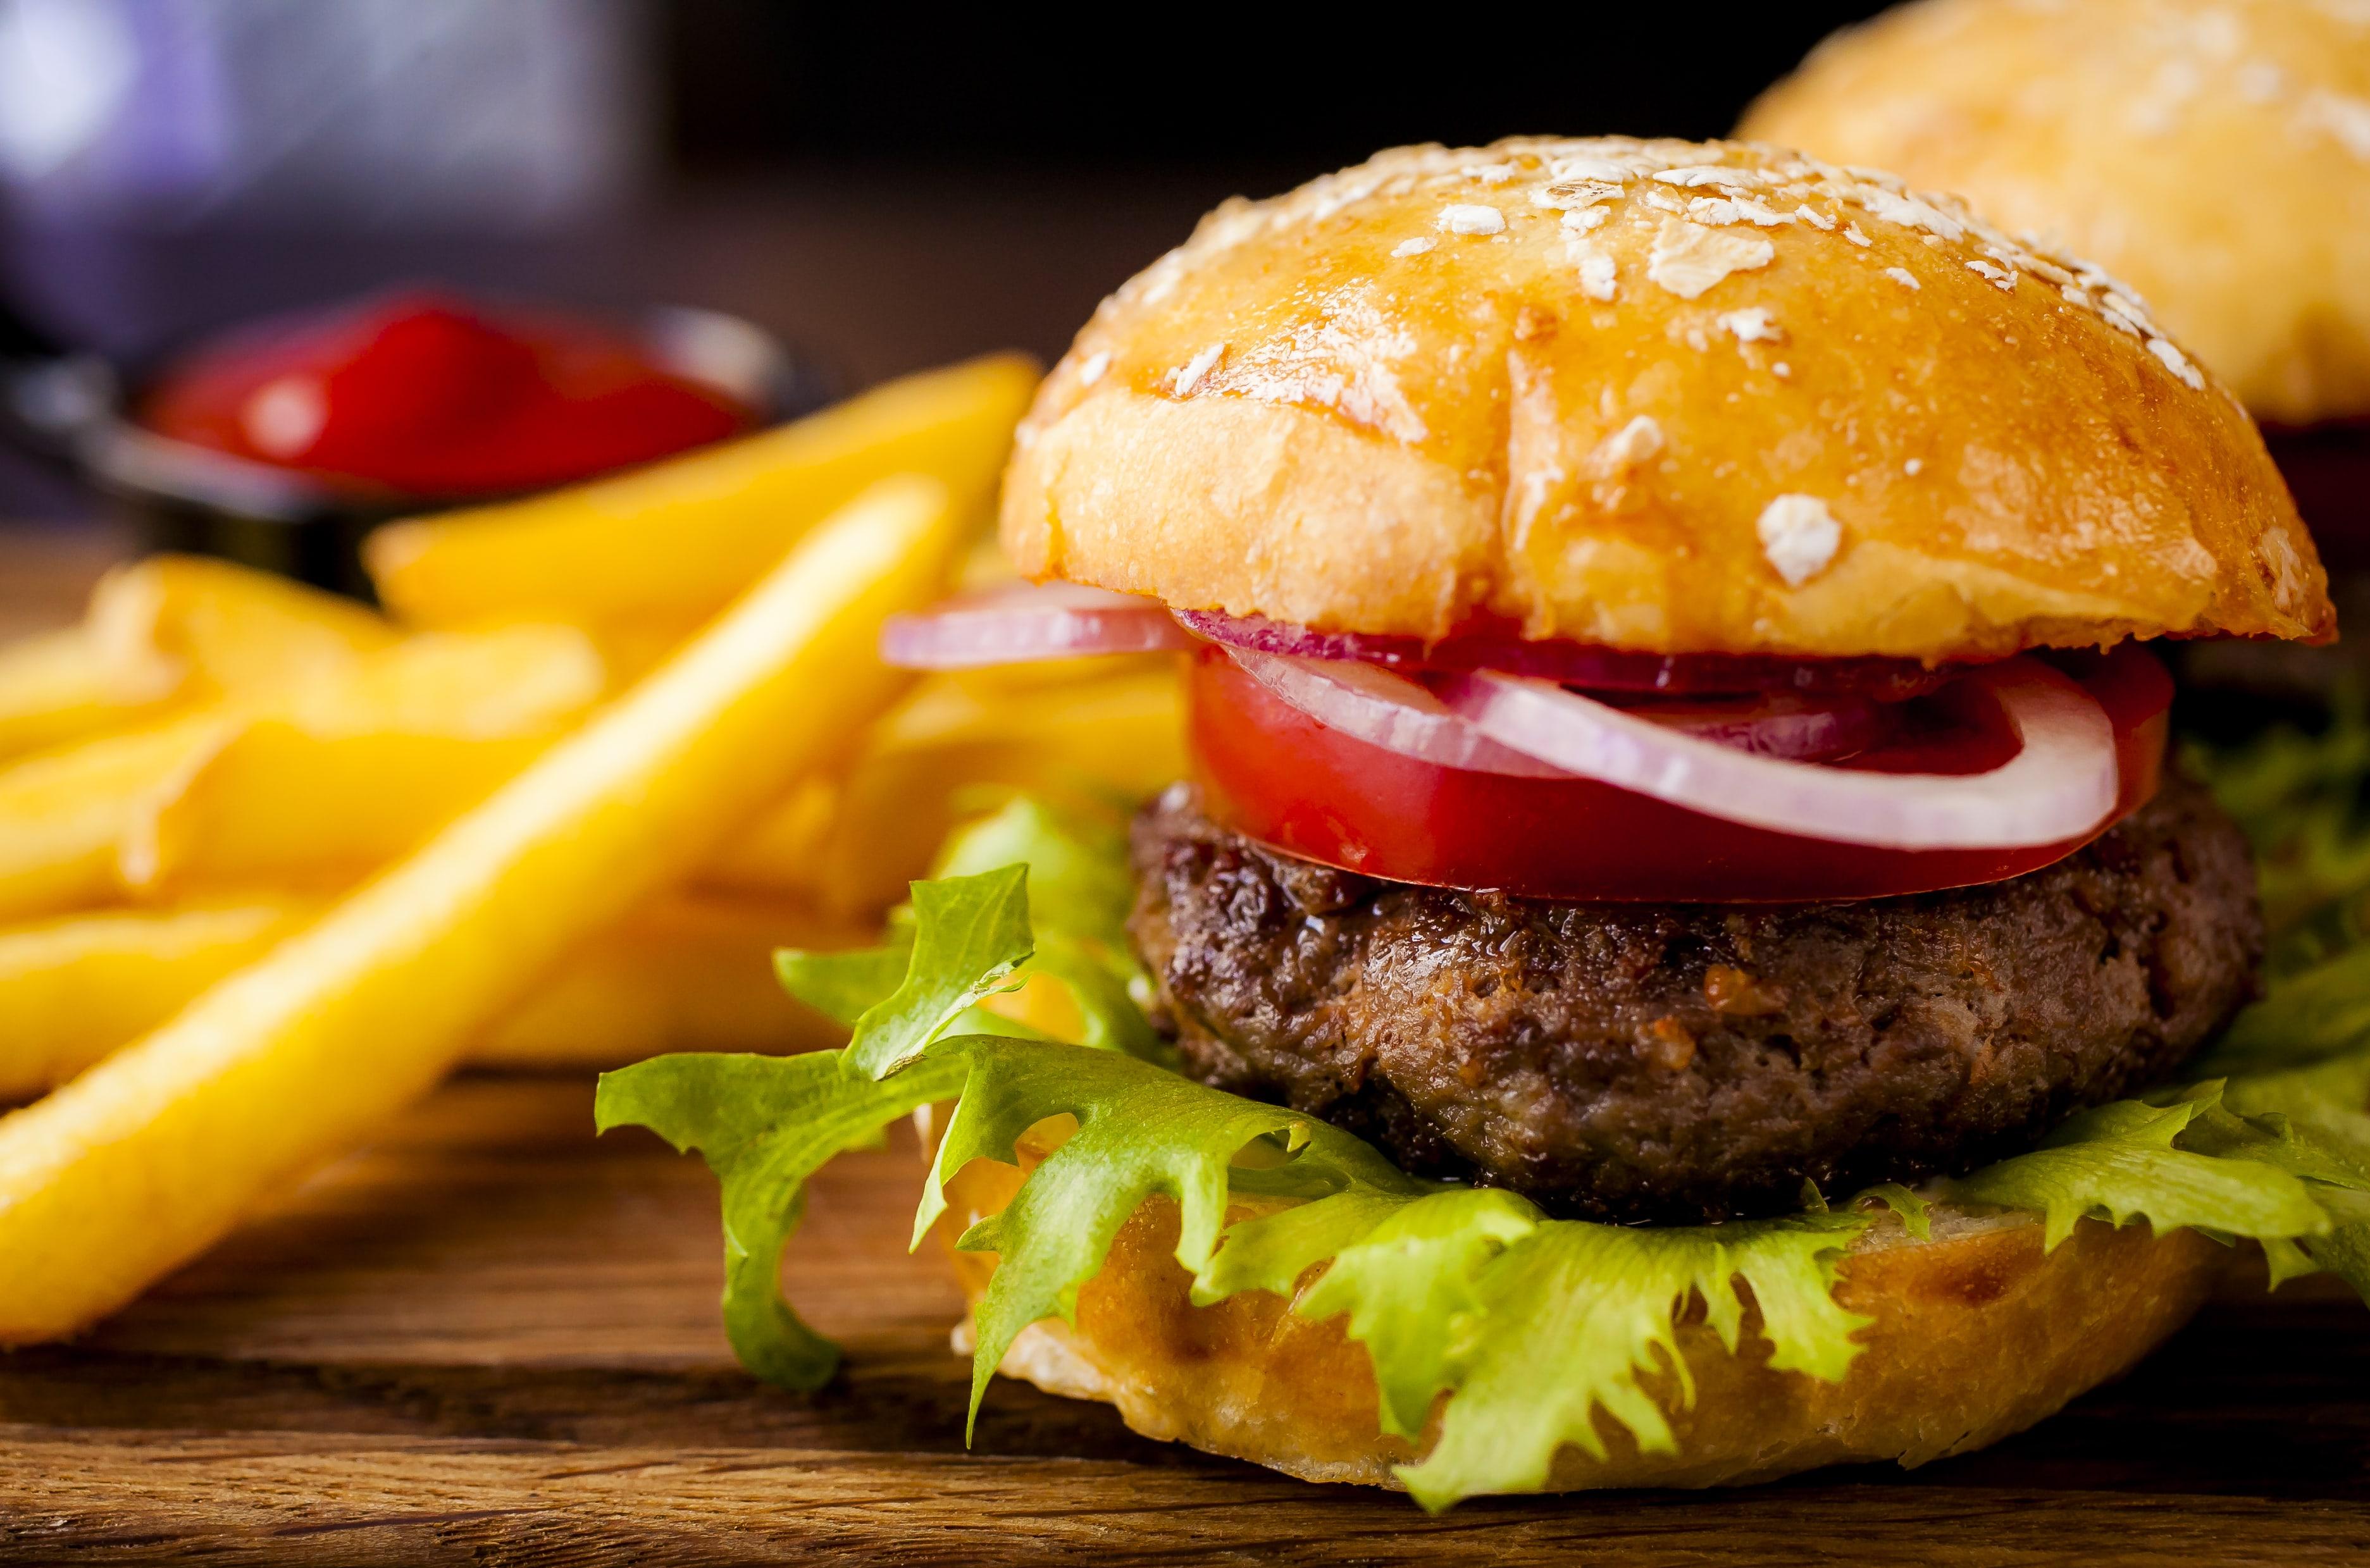 Гамбургер из фермерской говядины с картофелем фри